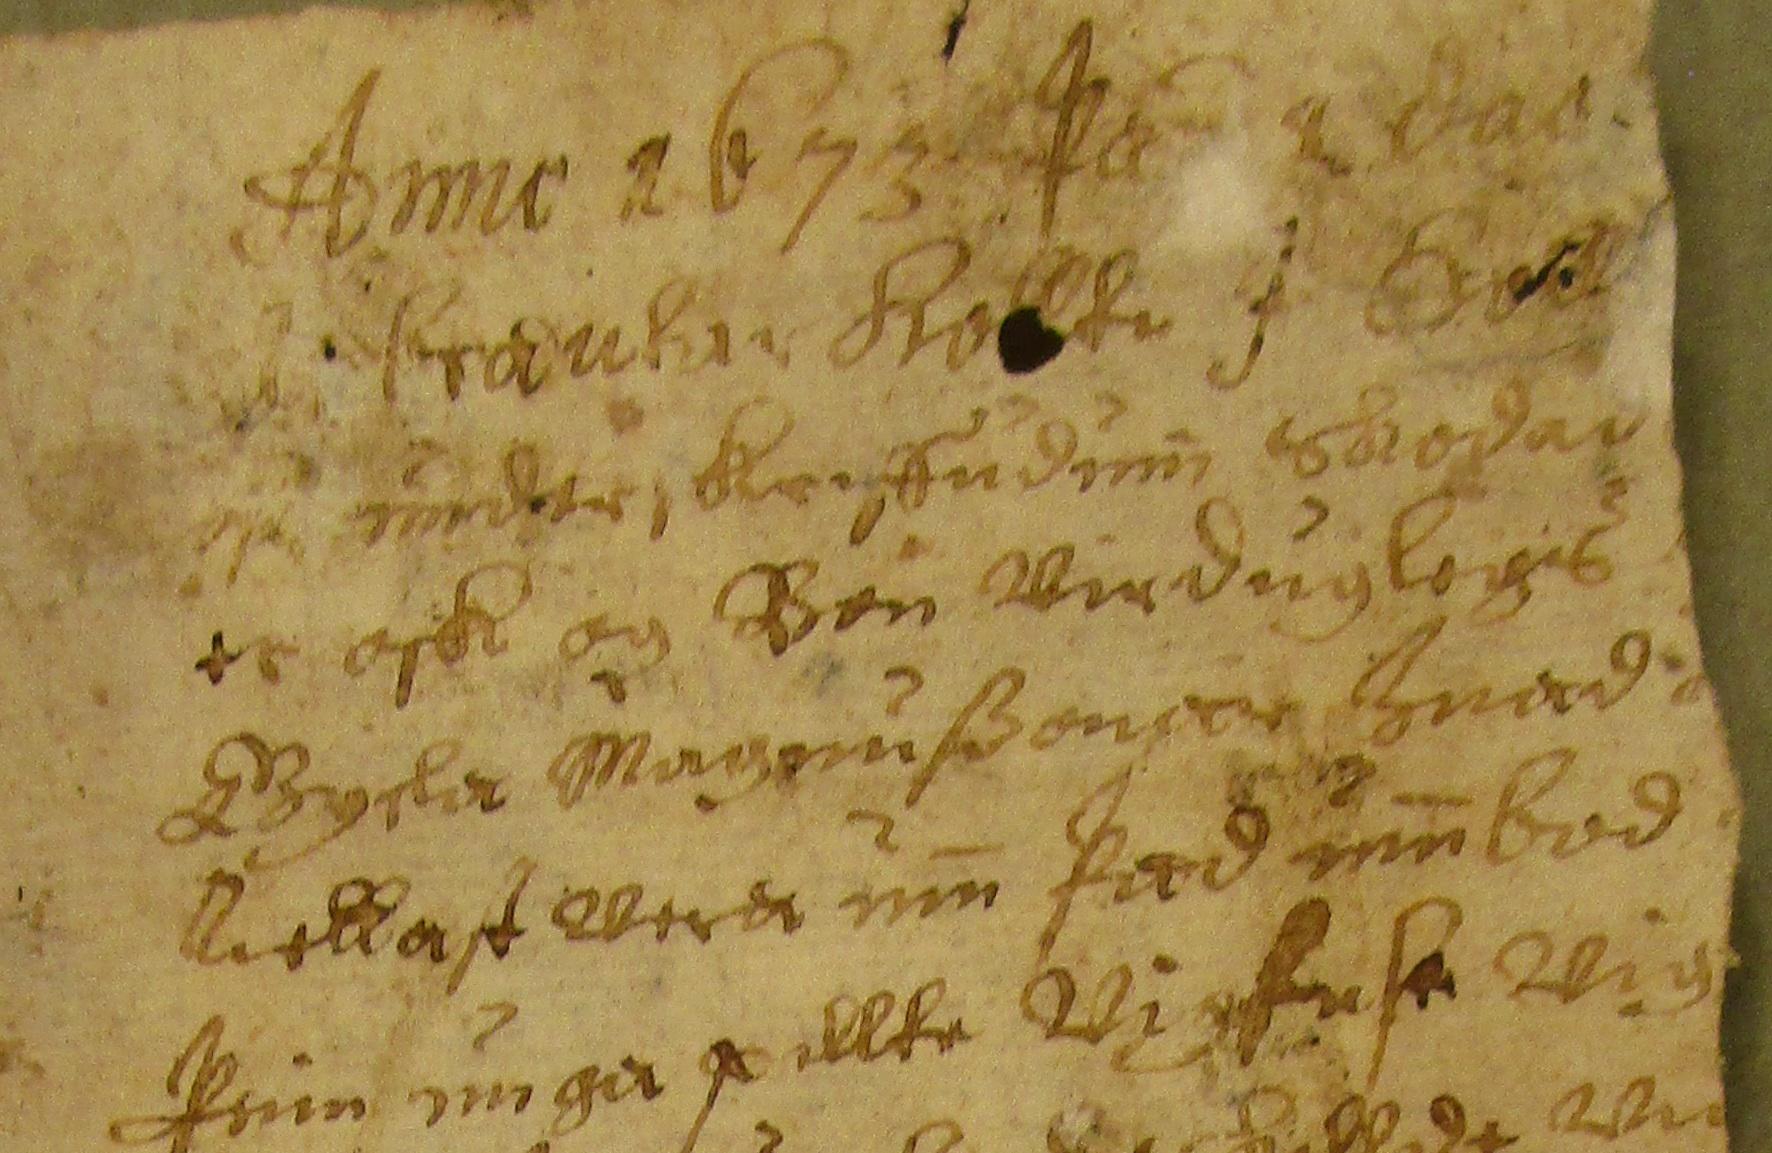 Fragmentet fra bindet i AM 177 fol.